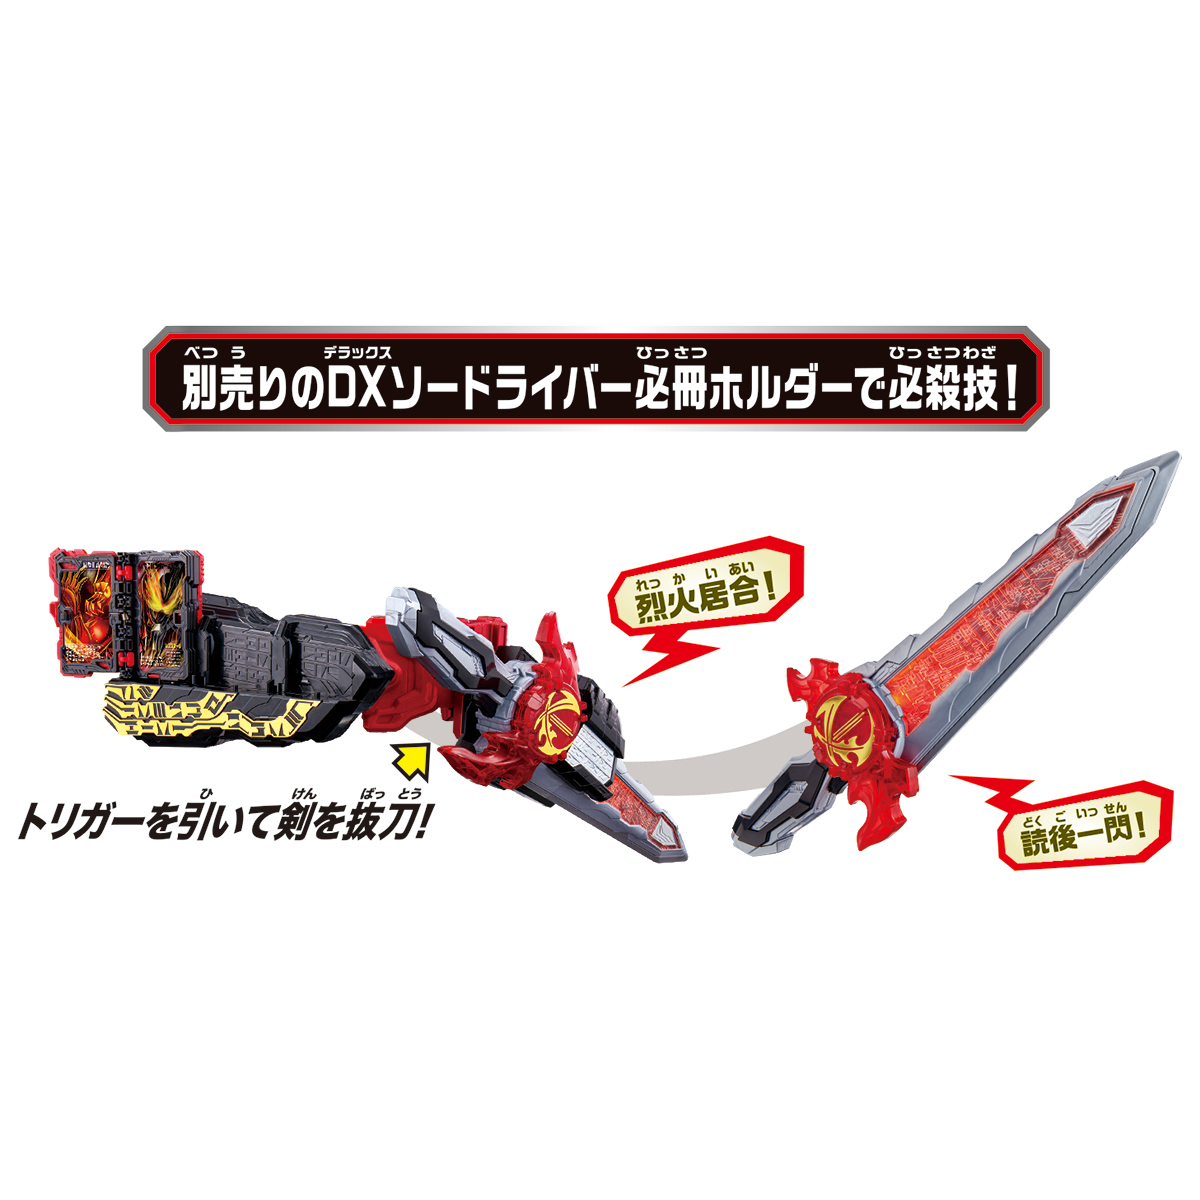 変身ベルト『DX聖剣ソードライバー』仮面ライダーセイバー 変身なりきり-007